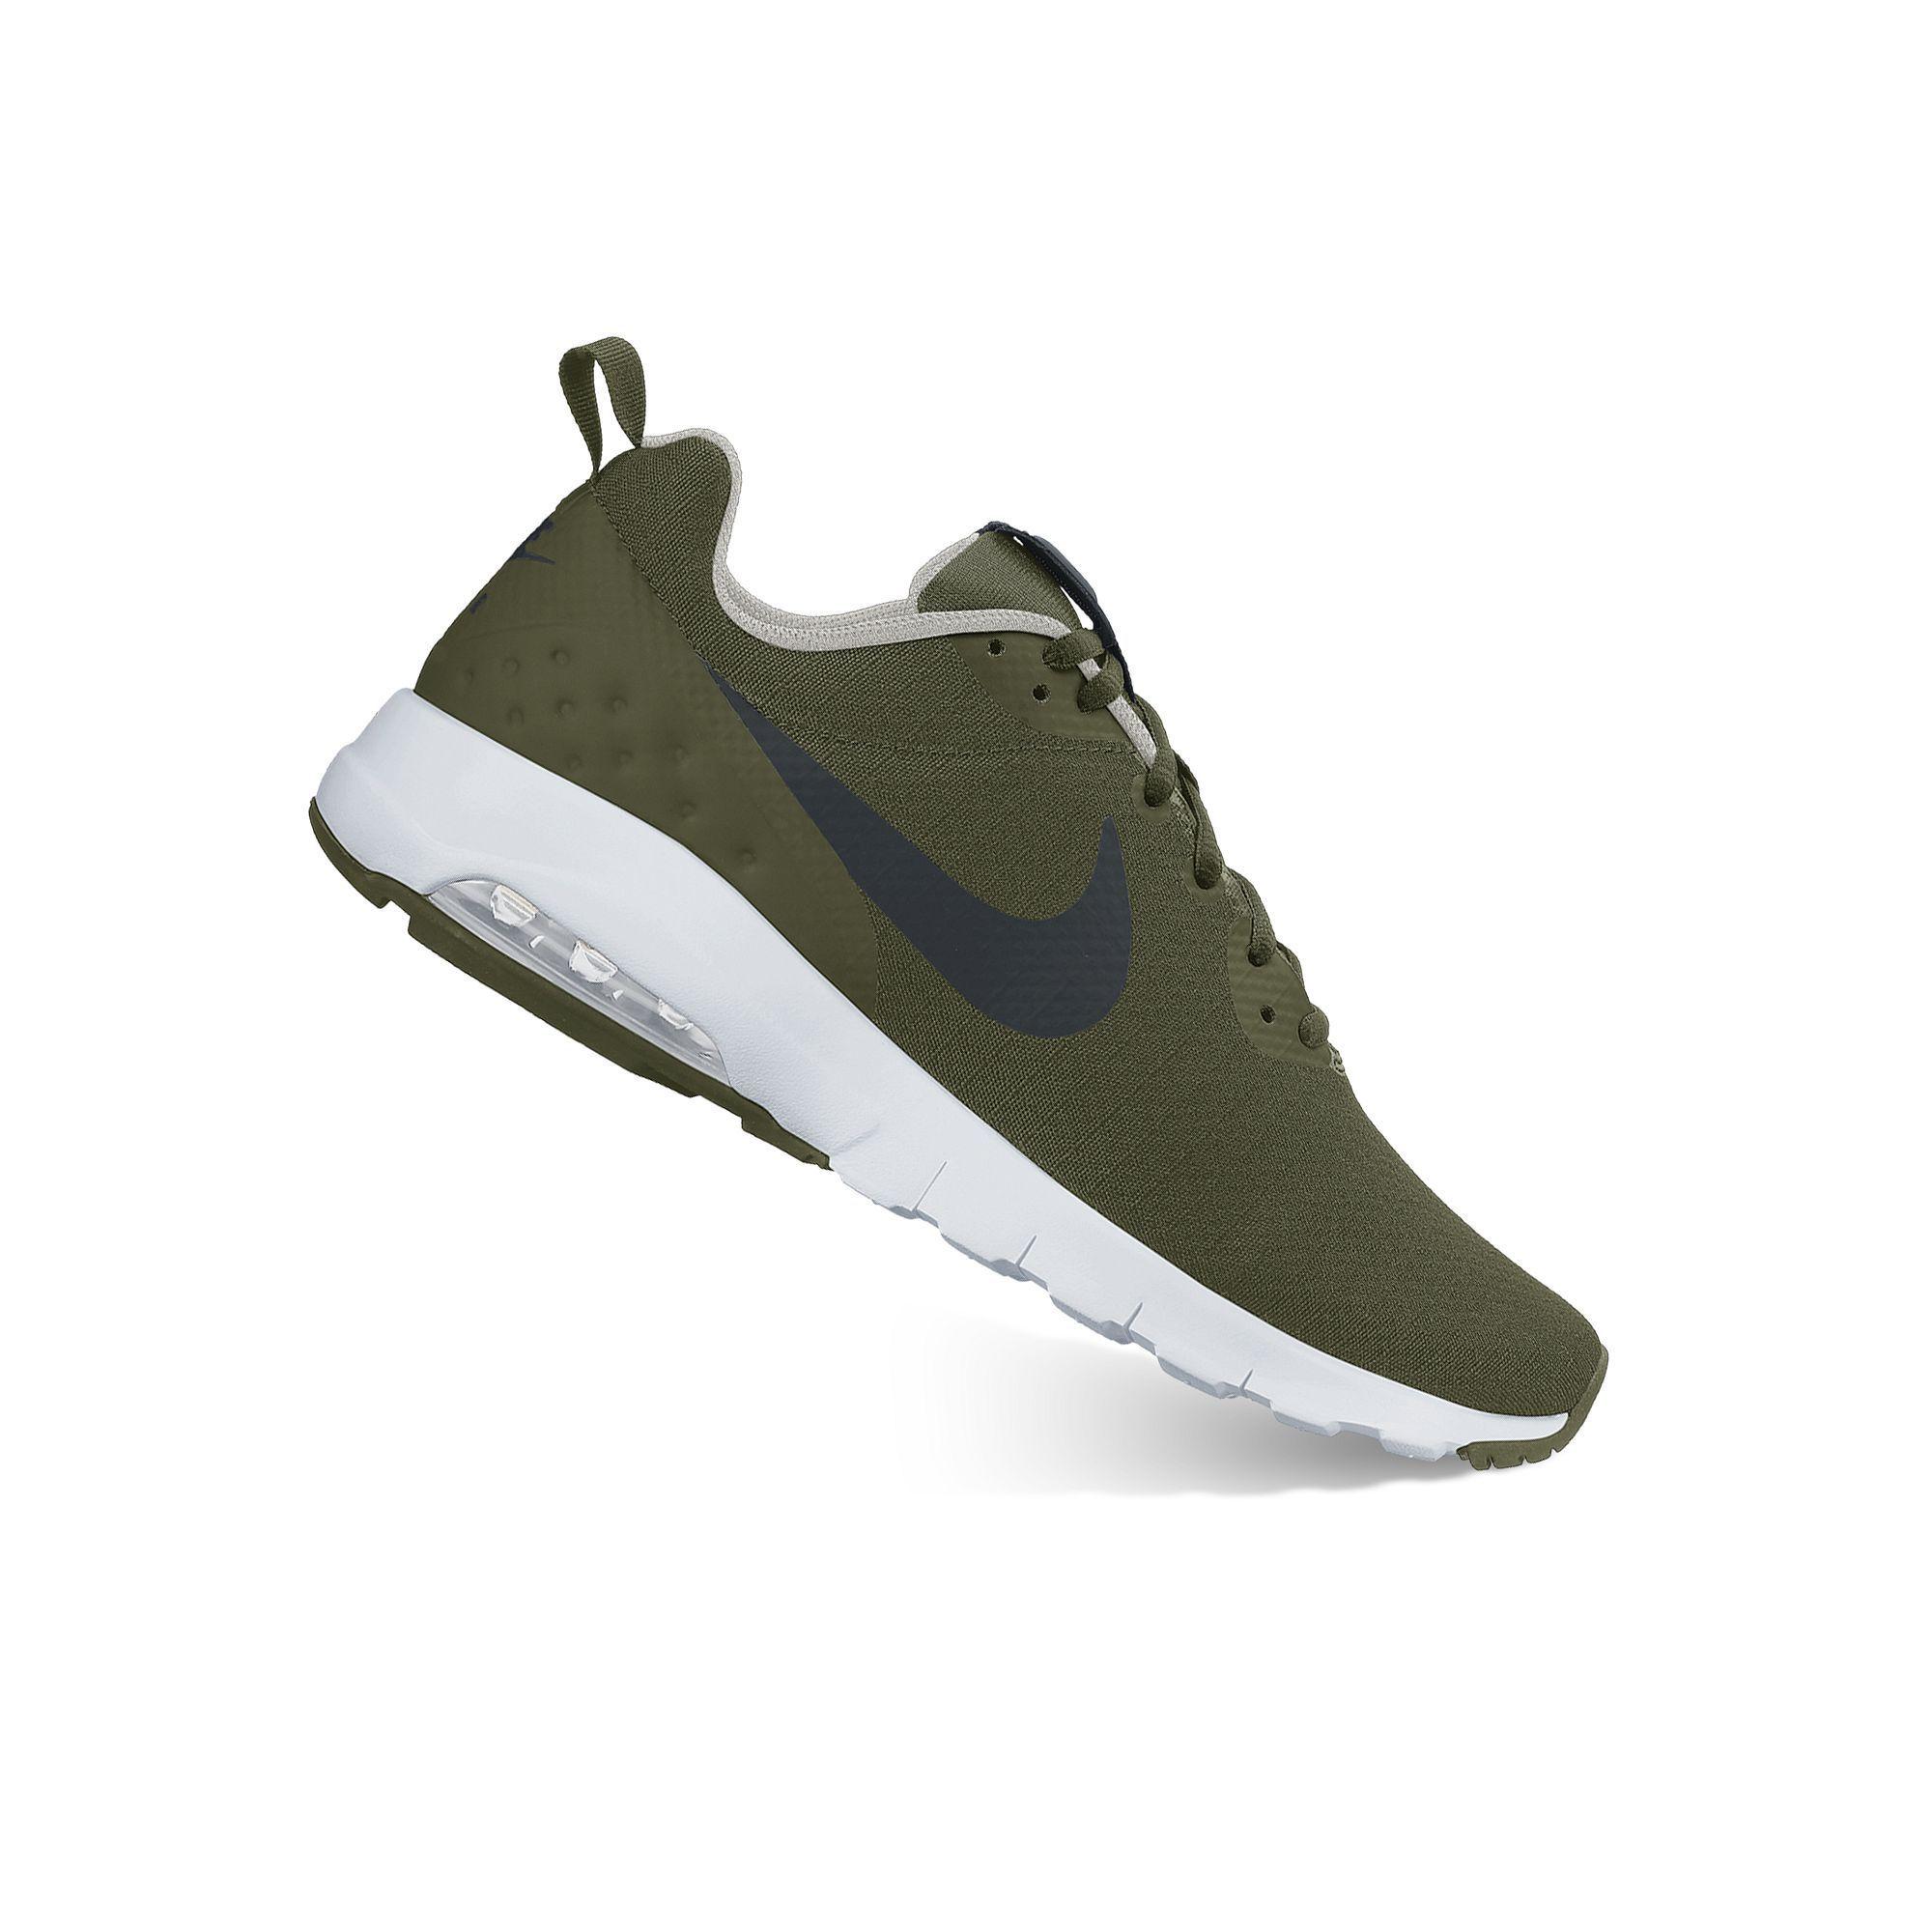 b8cb6060690e Nike Air Max Motion Low Premium Mens Shoes